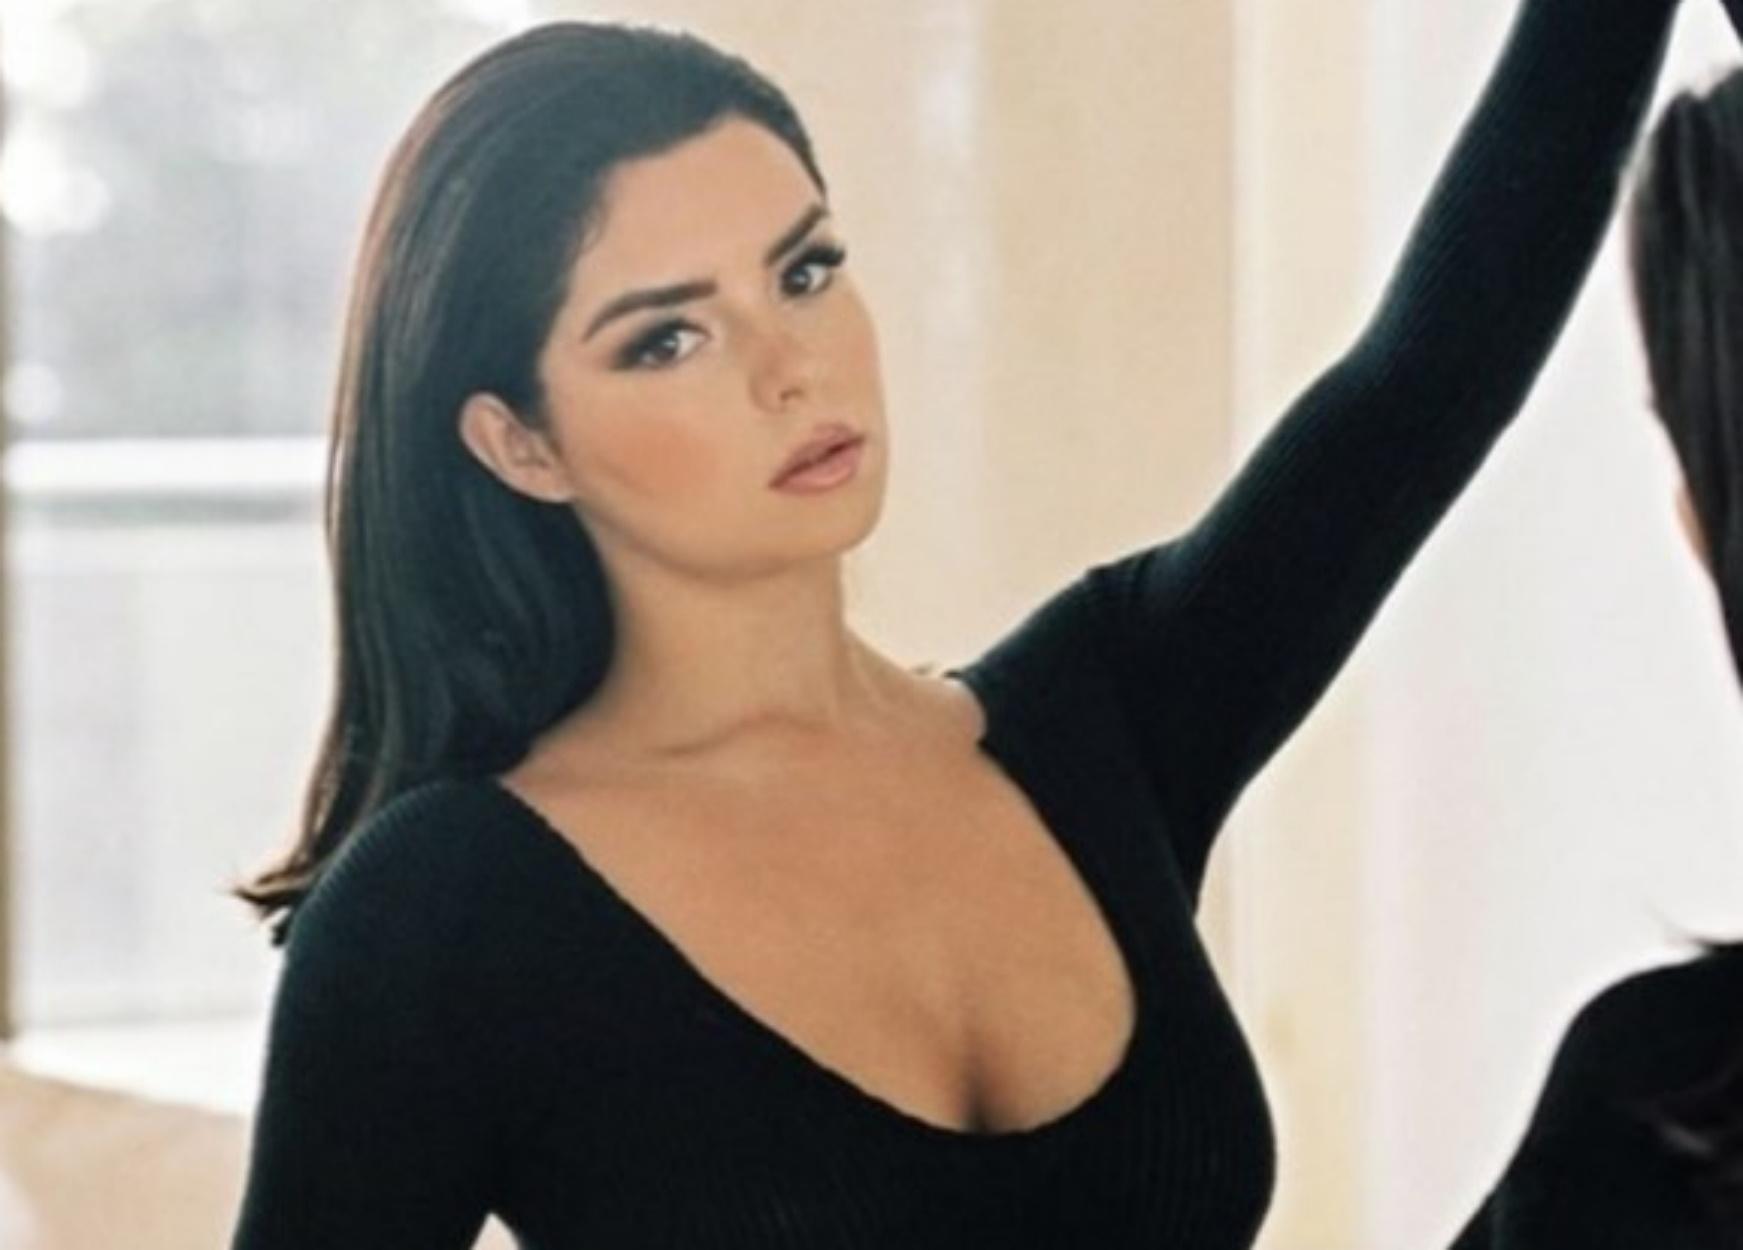 Οι σέξι φωτογραφίες της Demi Rose άφησαν με το στόμα ανοιχτό τους 15,3 εκατ. οπαδούς της